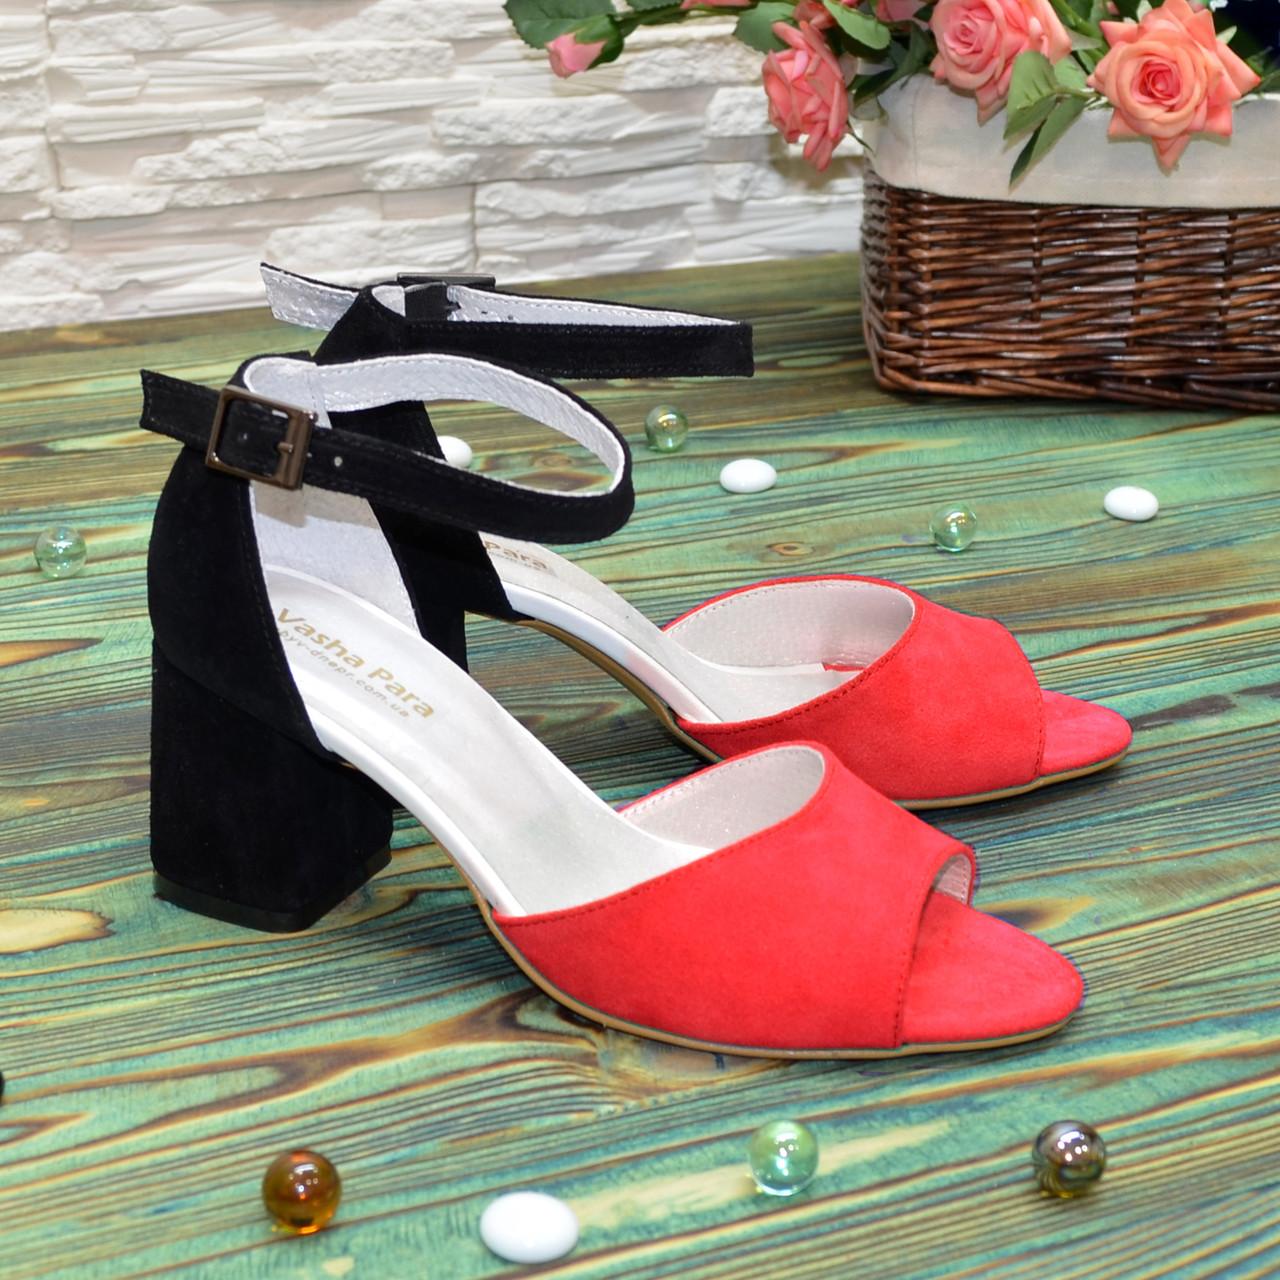 Босоножки замшевые женские на устойчивом каблуке, цвет красный/черный